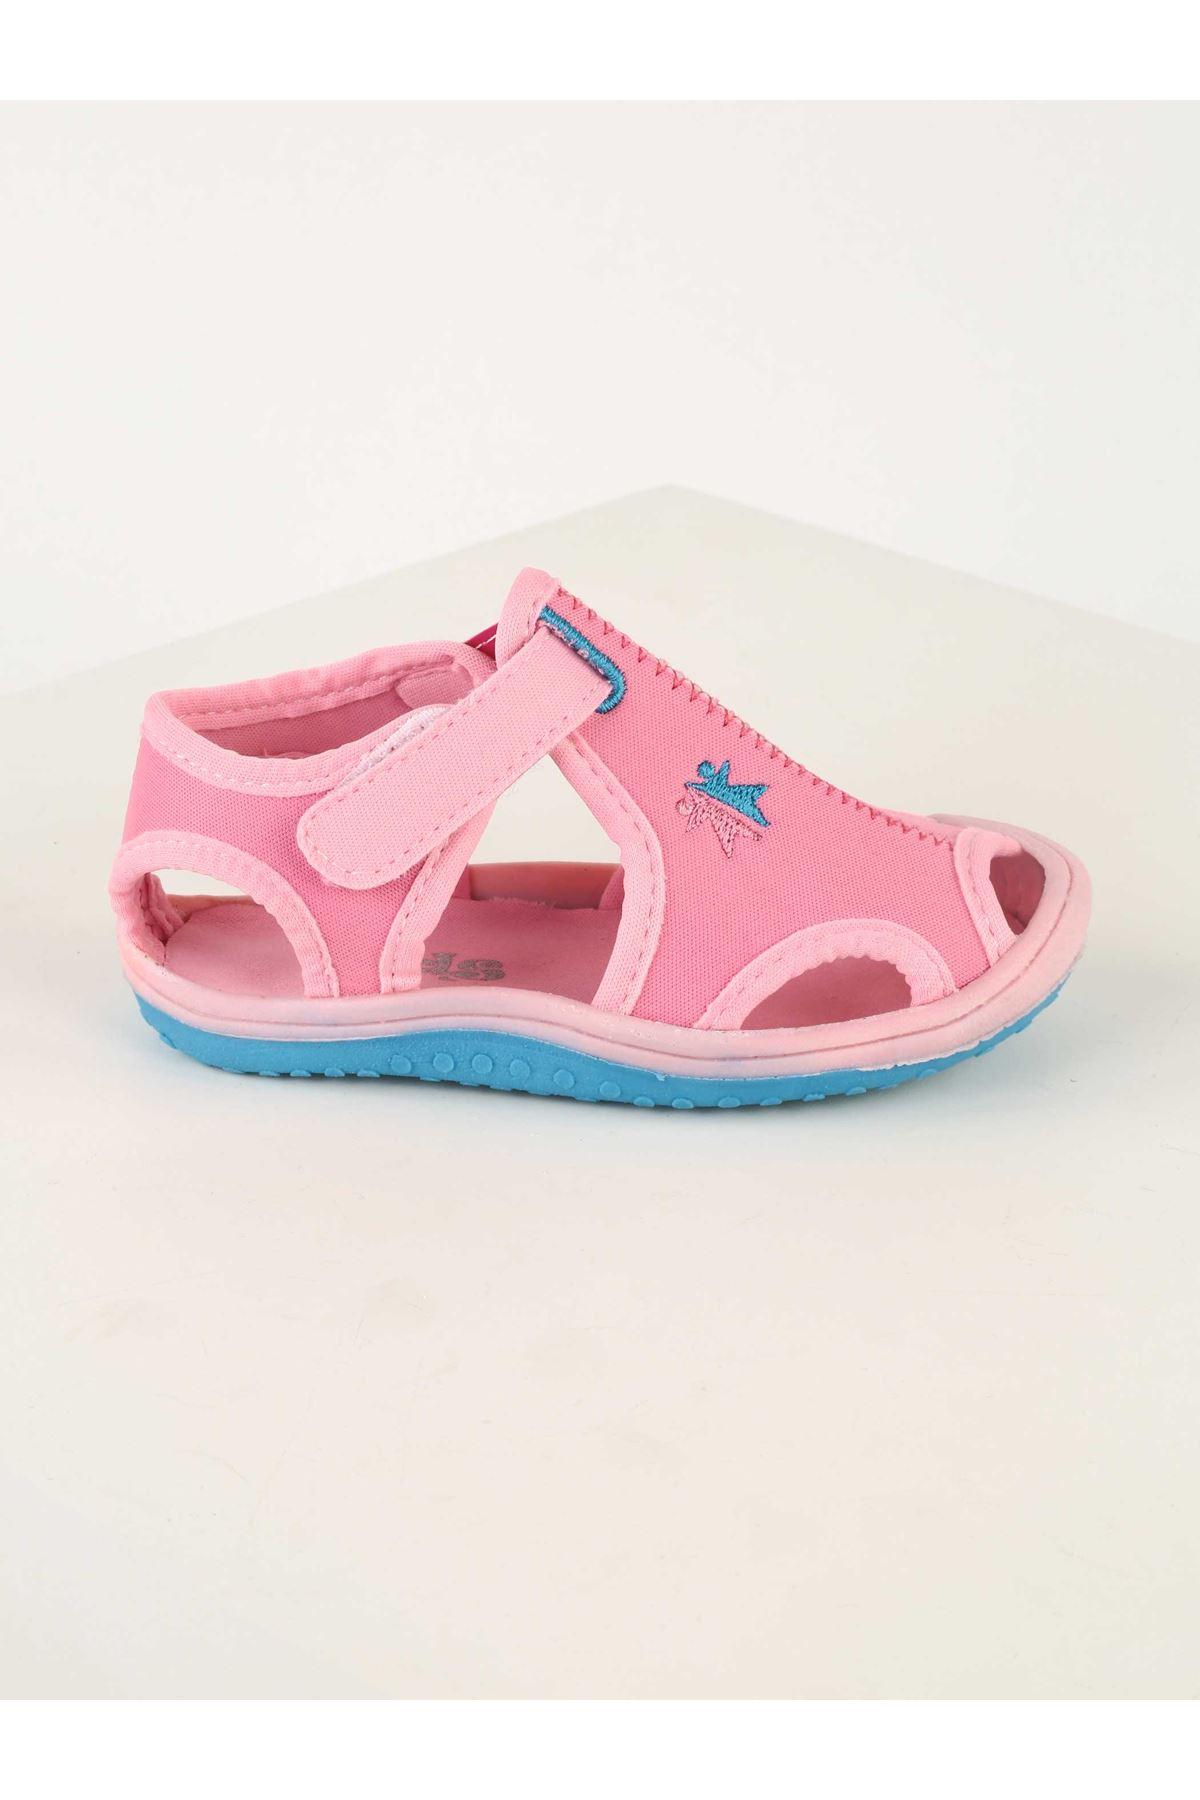 Pembe Kız Bebek Sandalet Ayakkabı